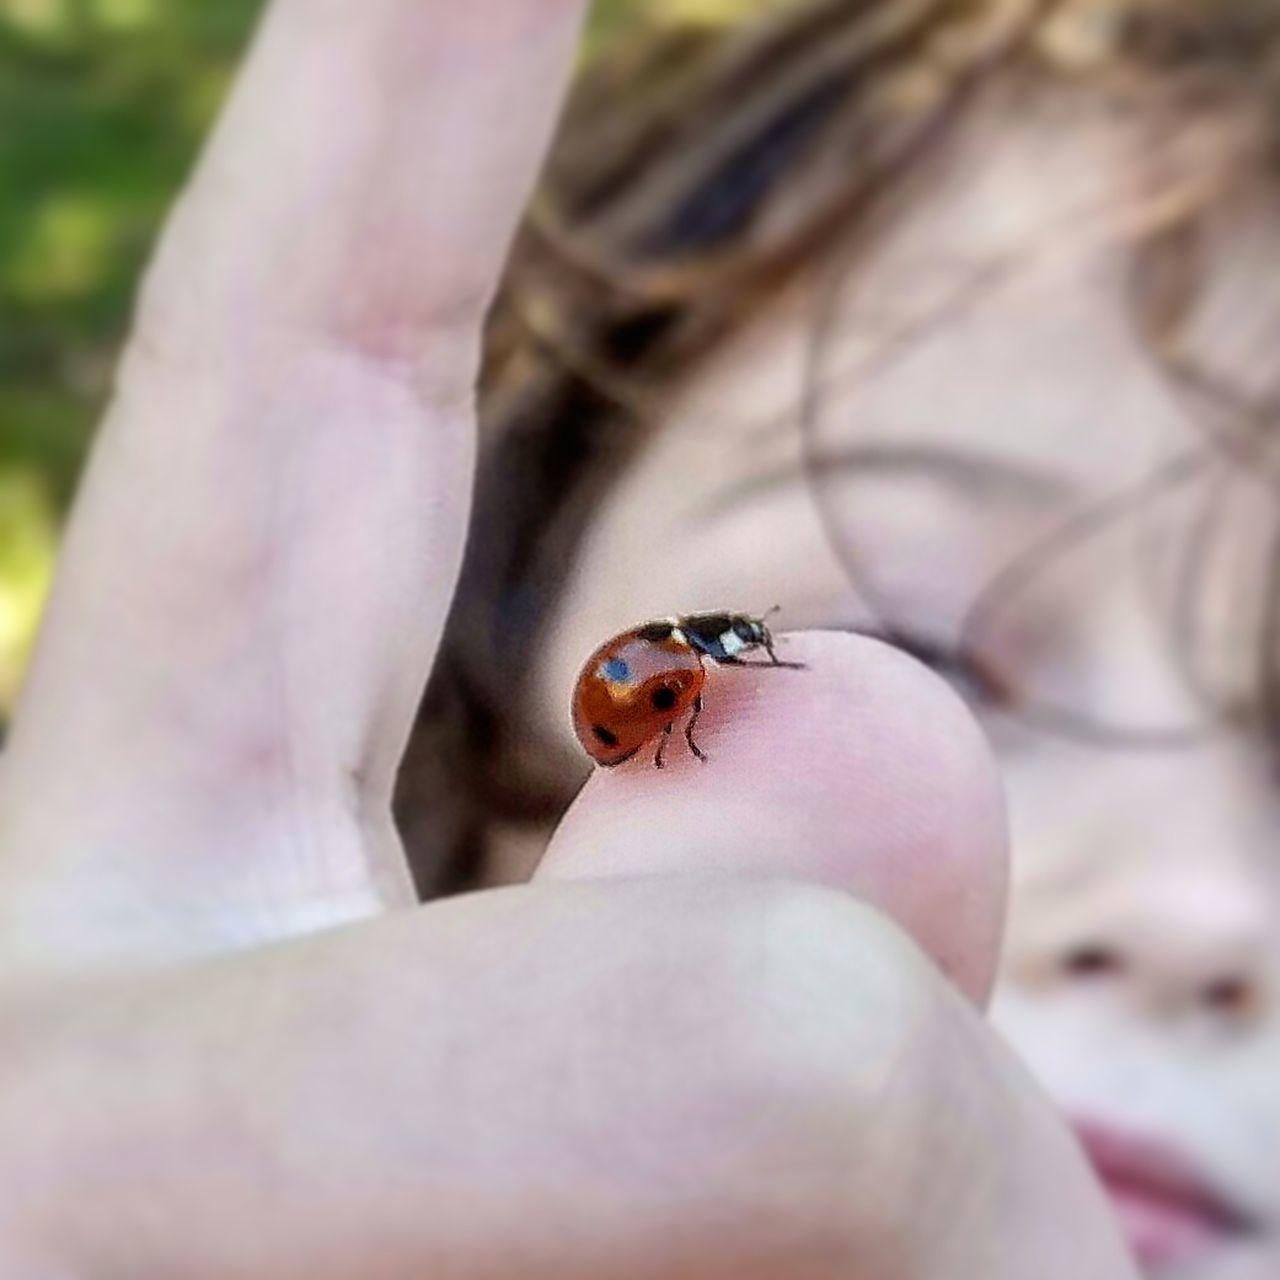 One Animal Insect Human Finger Animals In The Wild Lifestyles Ladybug🐞 Ladybug Ladybirds 🐞 Close-up Ladybeetle Lady